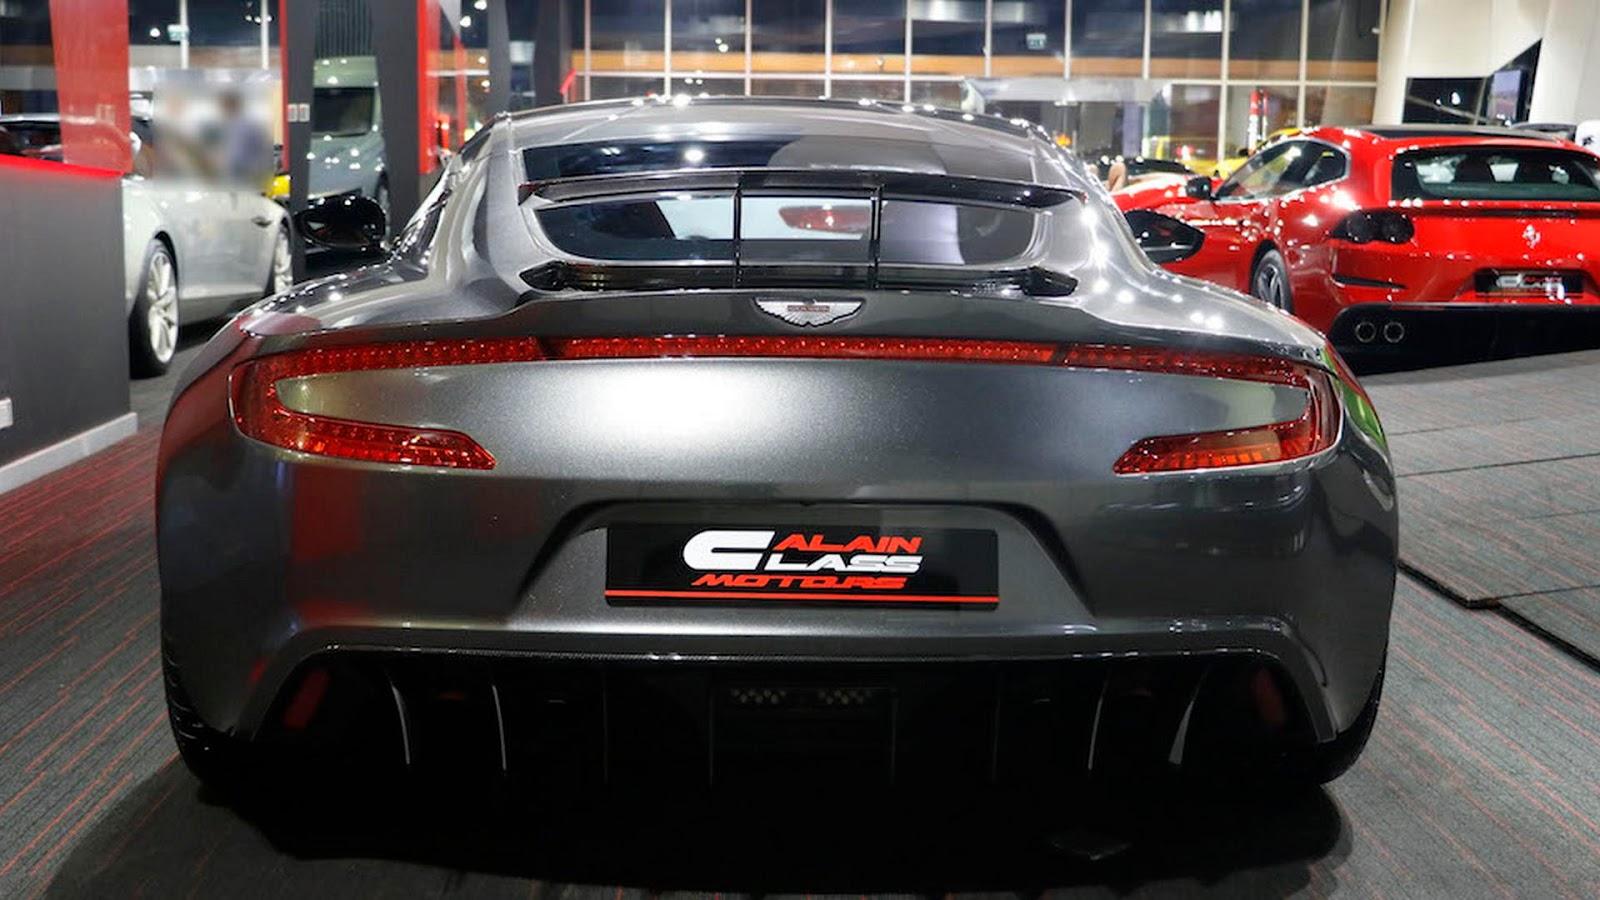 Aston Martin One-77 For Sale >> Ultra Rare Aston Martin One-77 Q-Series For Sale In Dubai ...